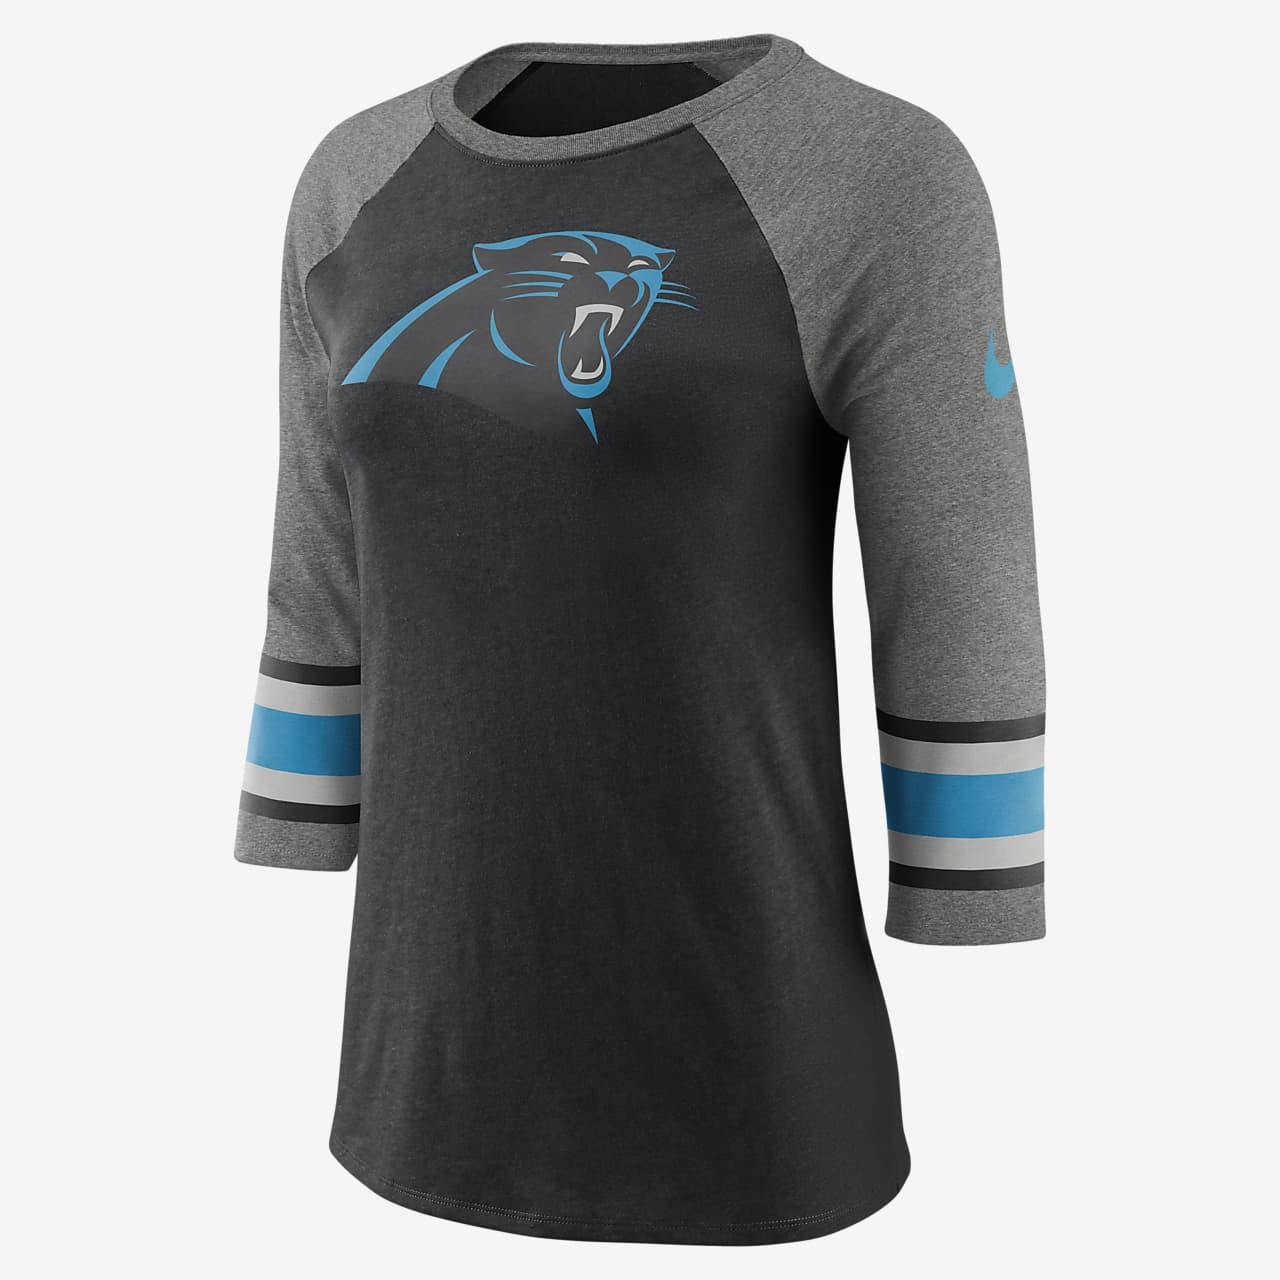 Женская футболка с рукавом 3/4 Nike Tri-Blend Raglan (NFL Panthers)